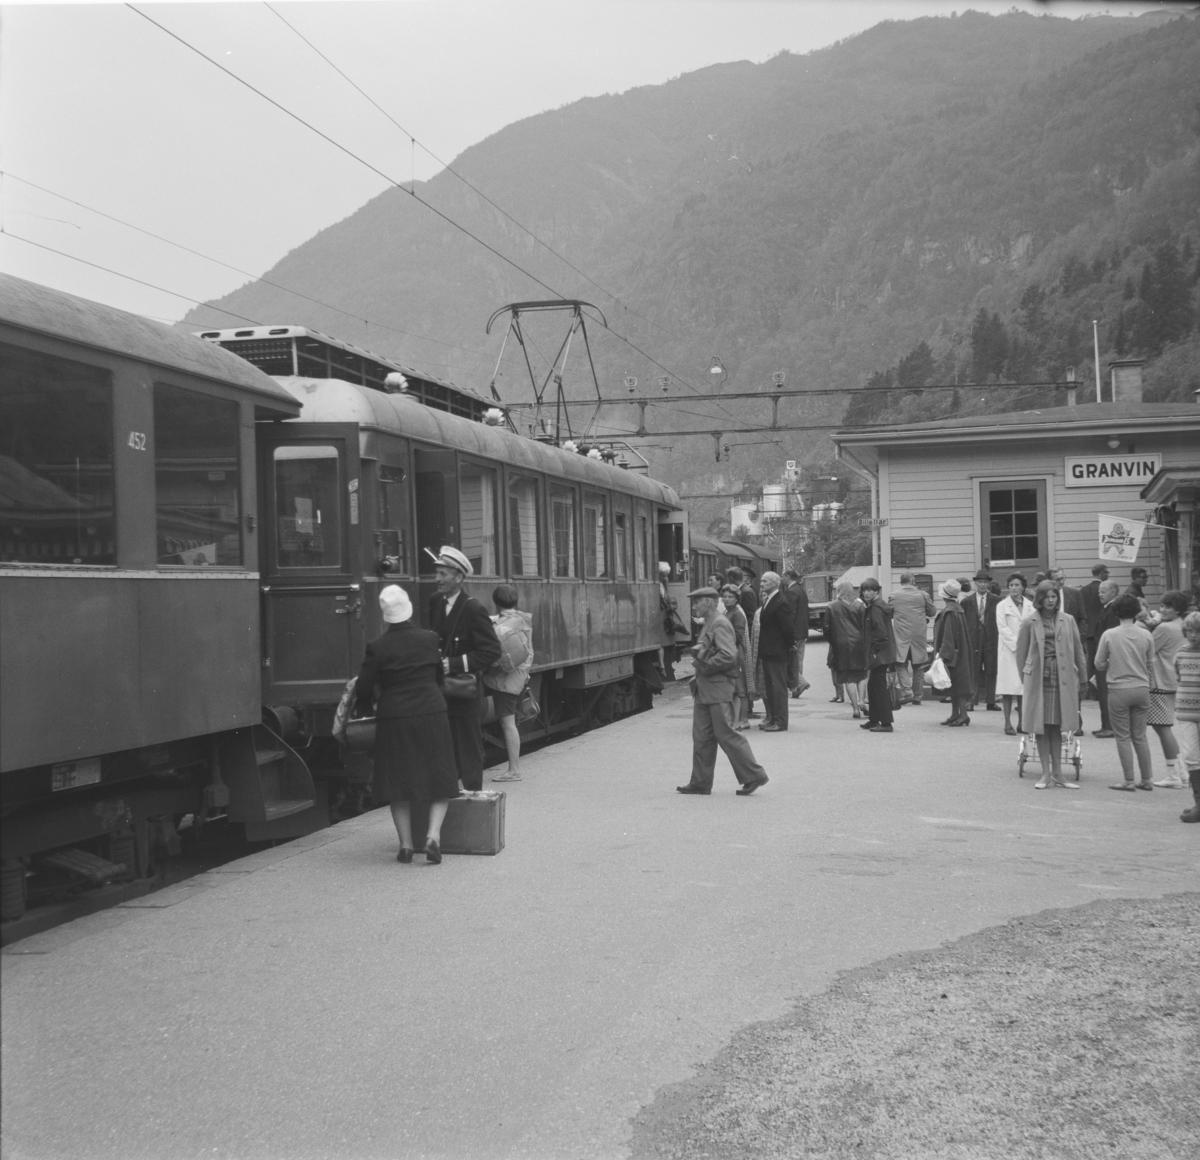 Tog fra Voss til Granvin har ankommet Granvin stasjon.